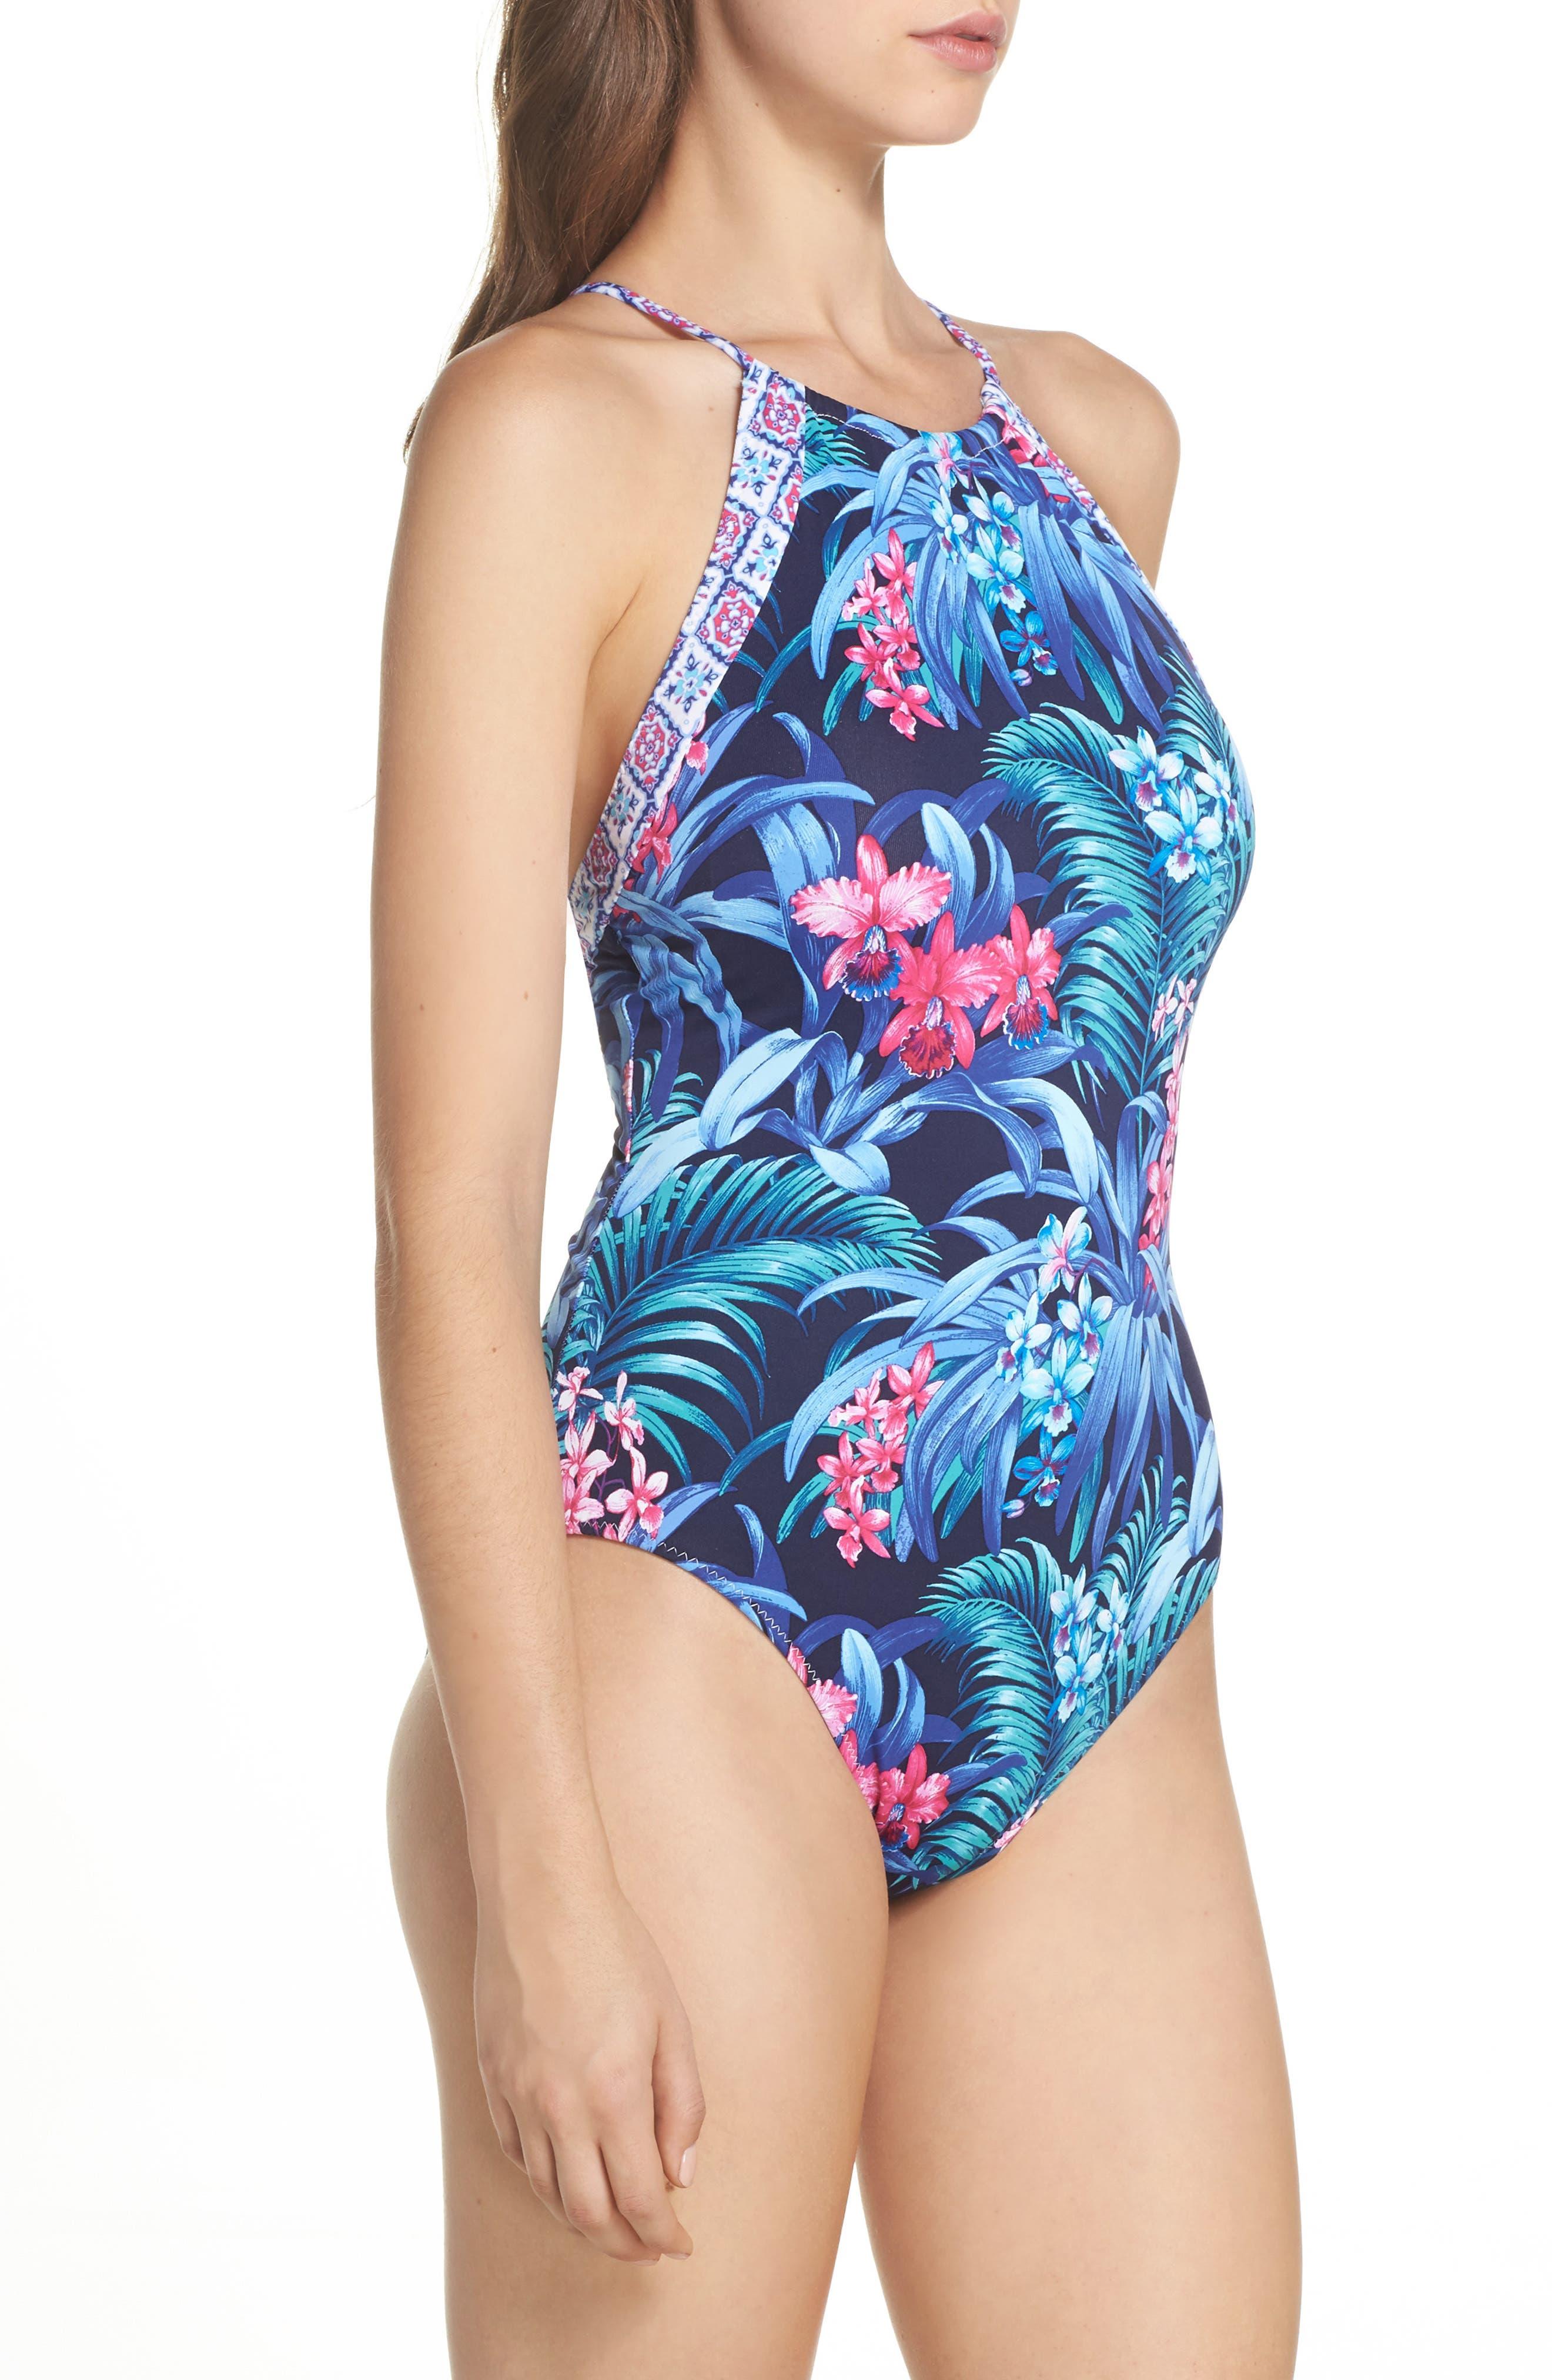 Majorelle Reversible One-Piece Swimsuit,                             Alternate thumbnail 4, color,                             400